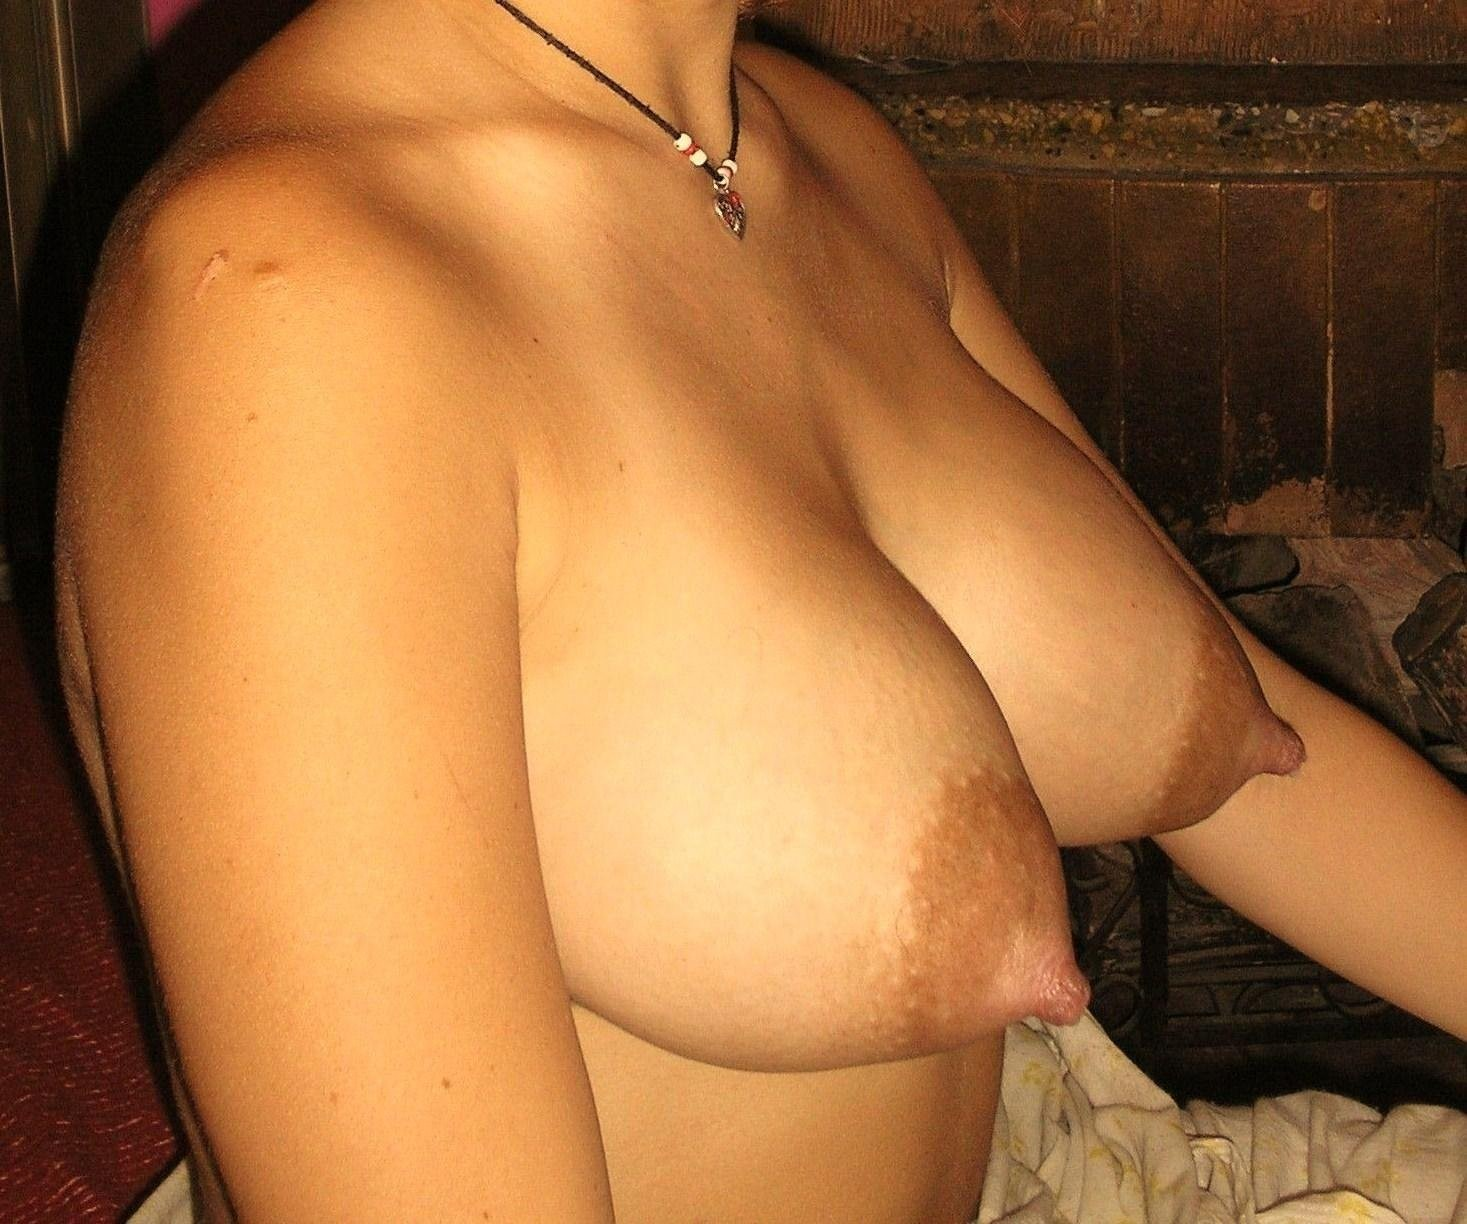 latino girls fuck good – BDSM